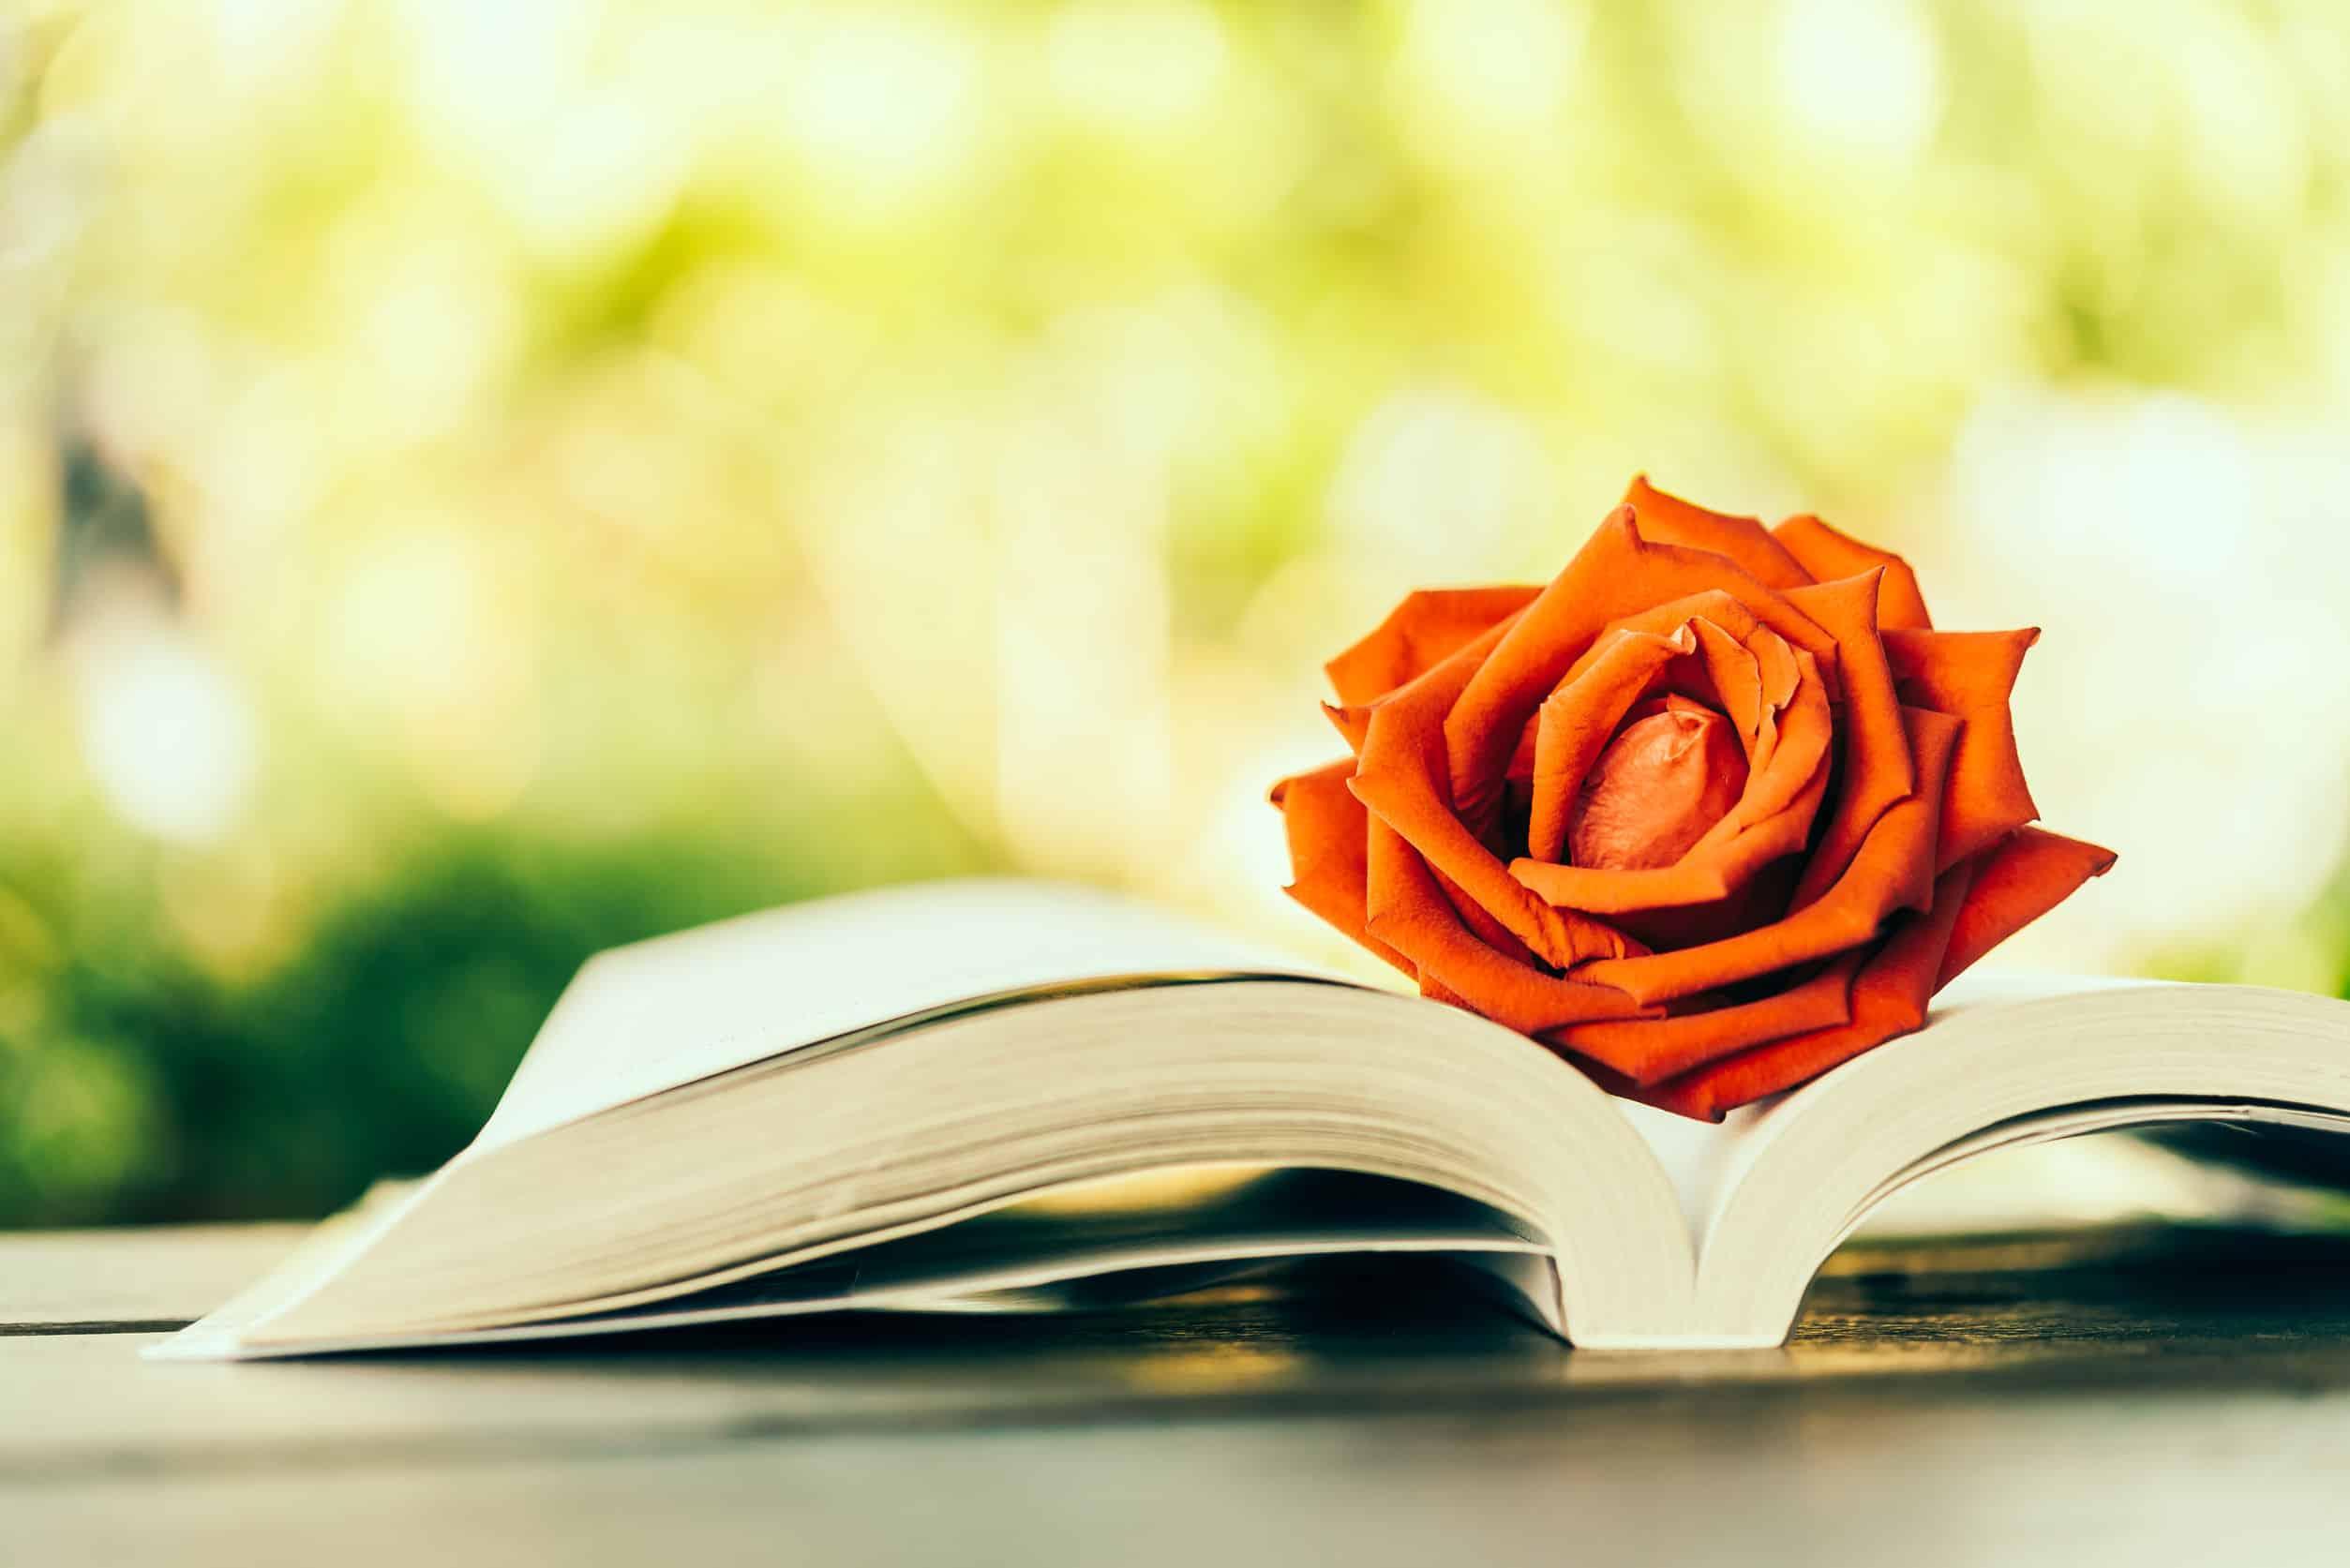 Imagem de livro aberto com rosa dentro.